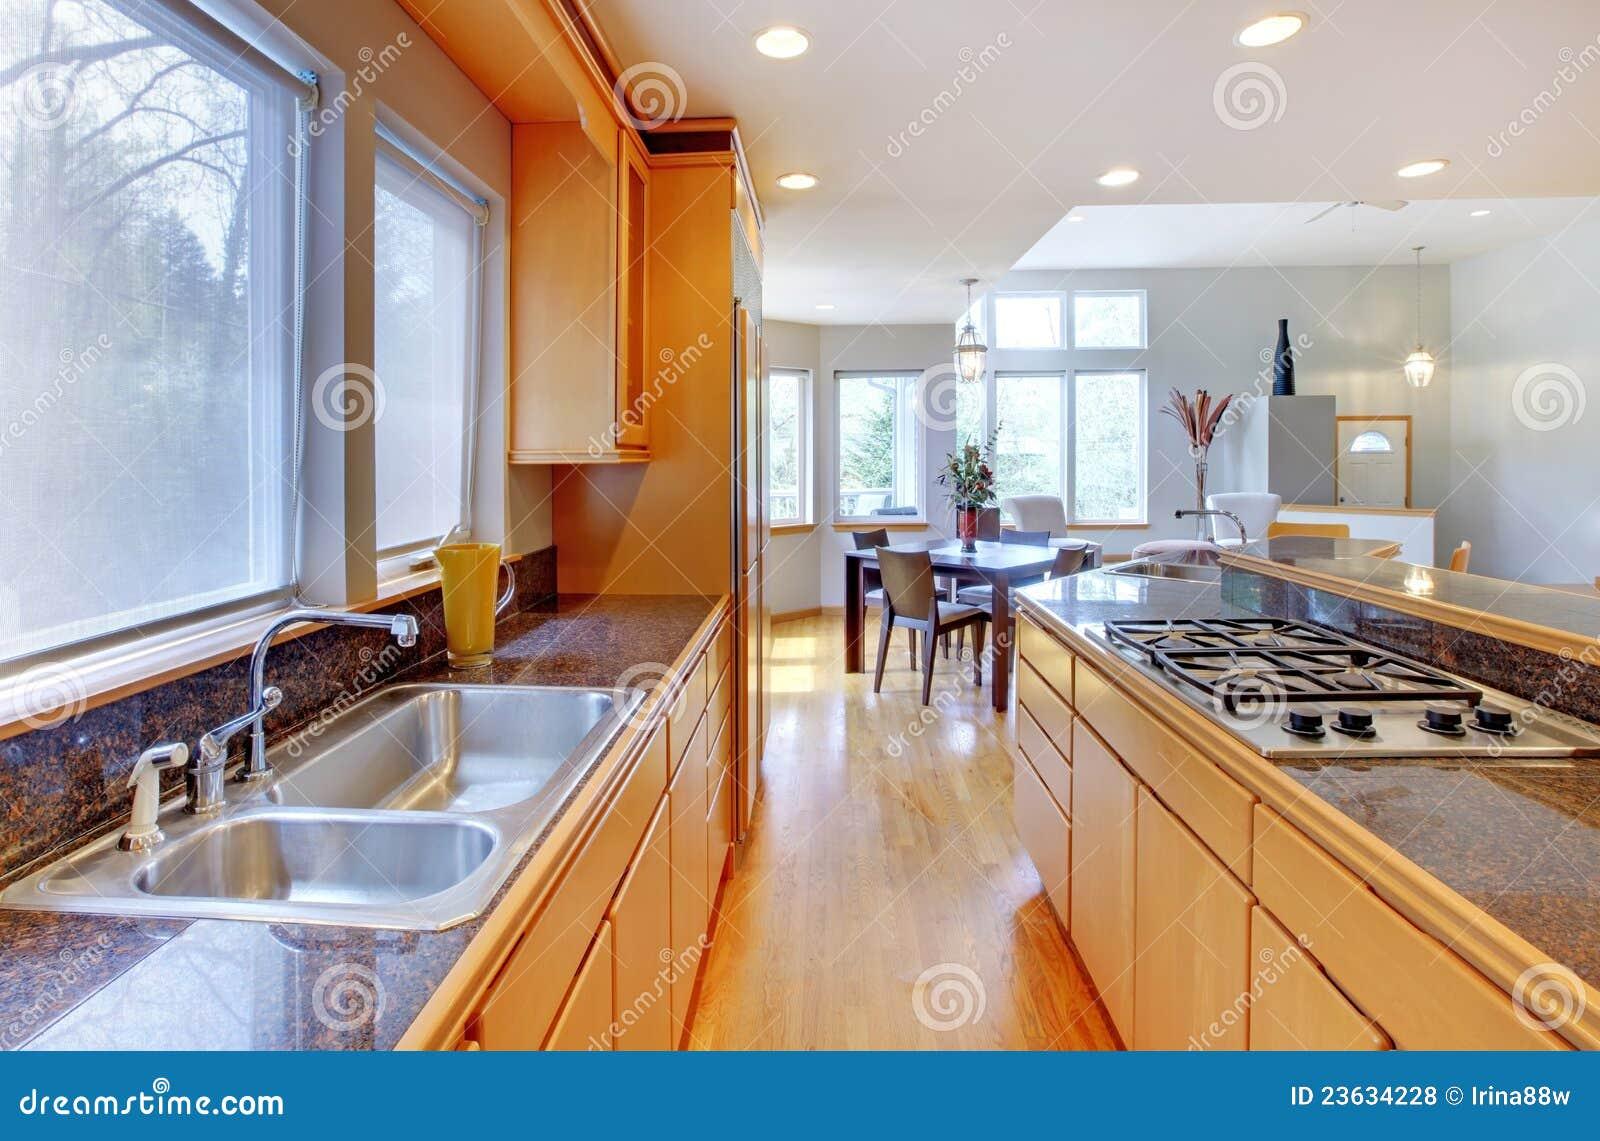 Cocina de madera moderna de lujo grande foto de archivo - Cocina de madera moderna ...